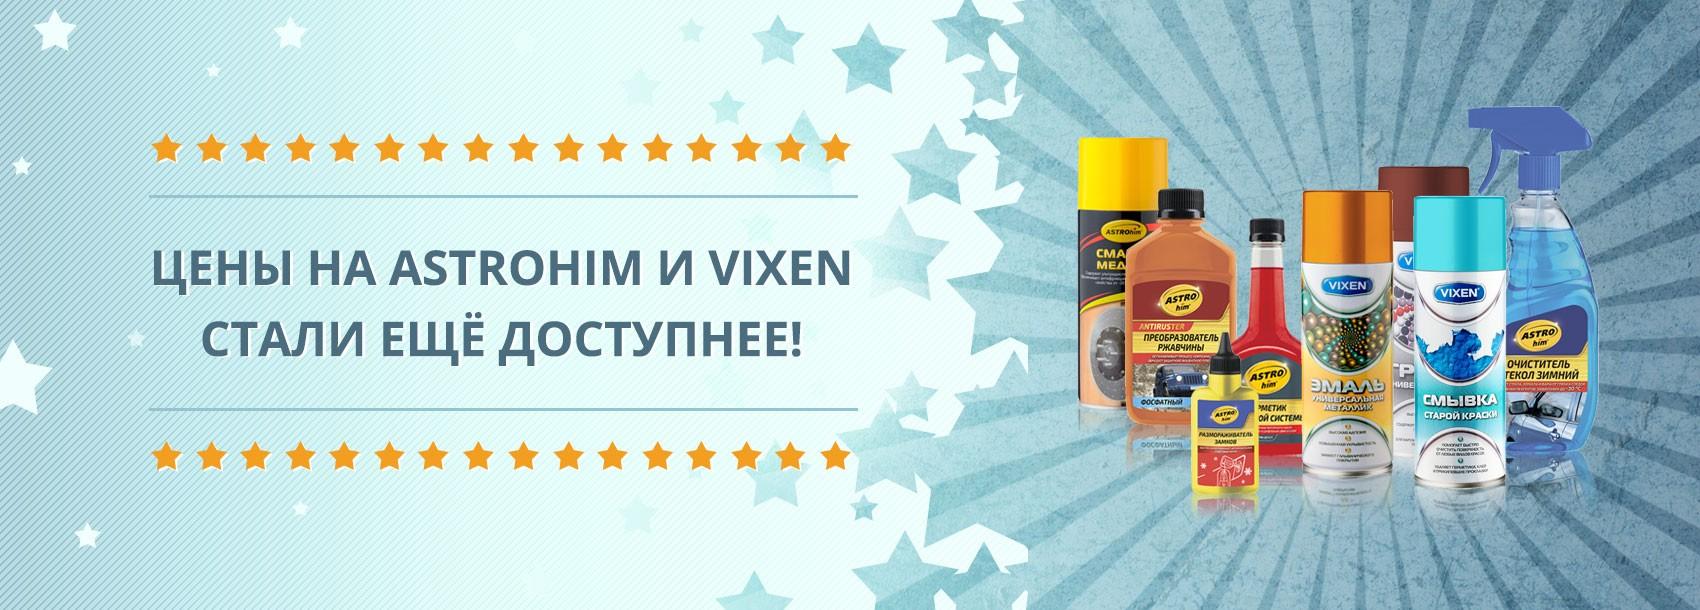 Цены на ASTROhim и Vixen стали ещё доступнее